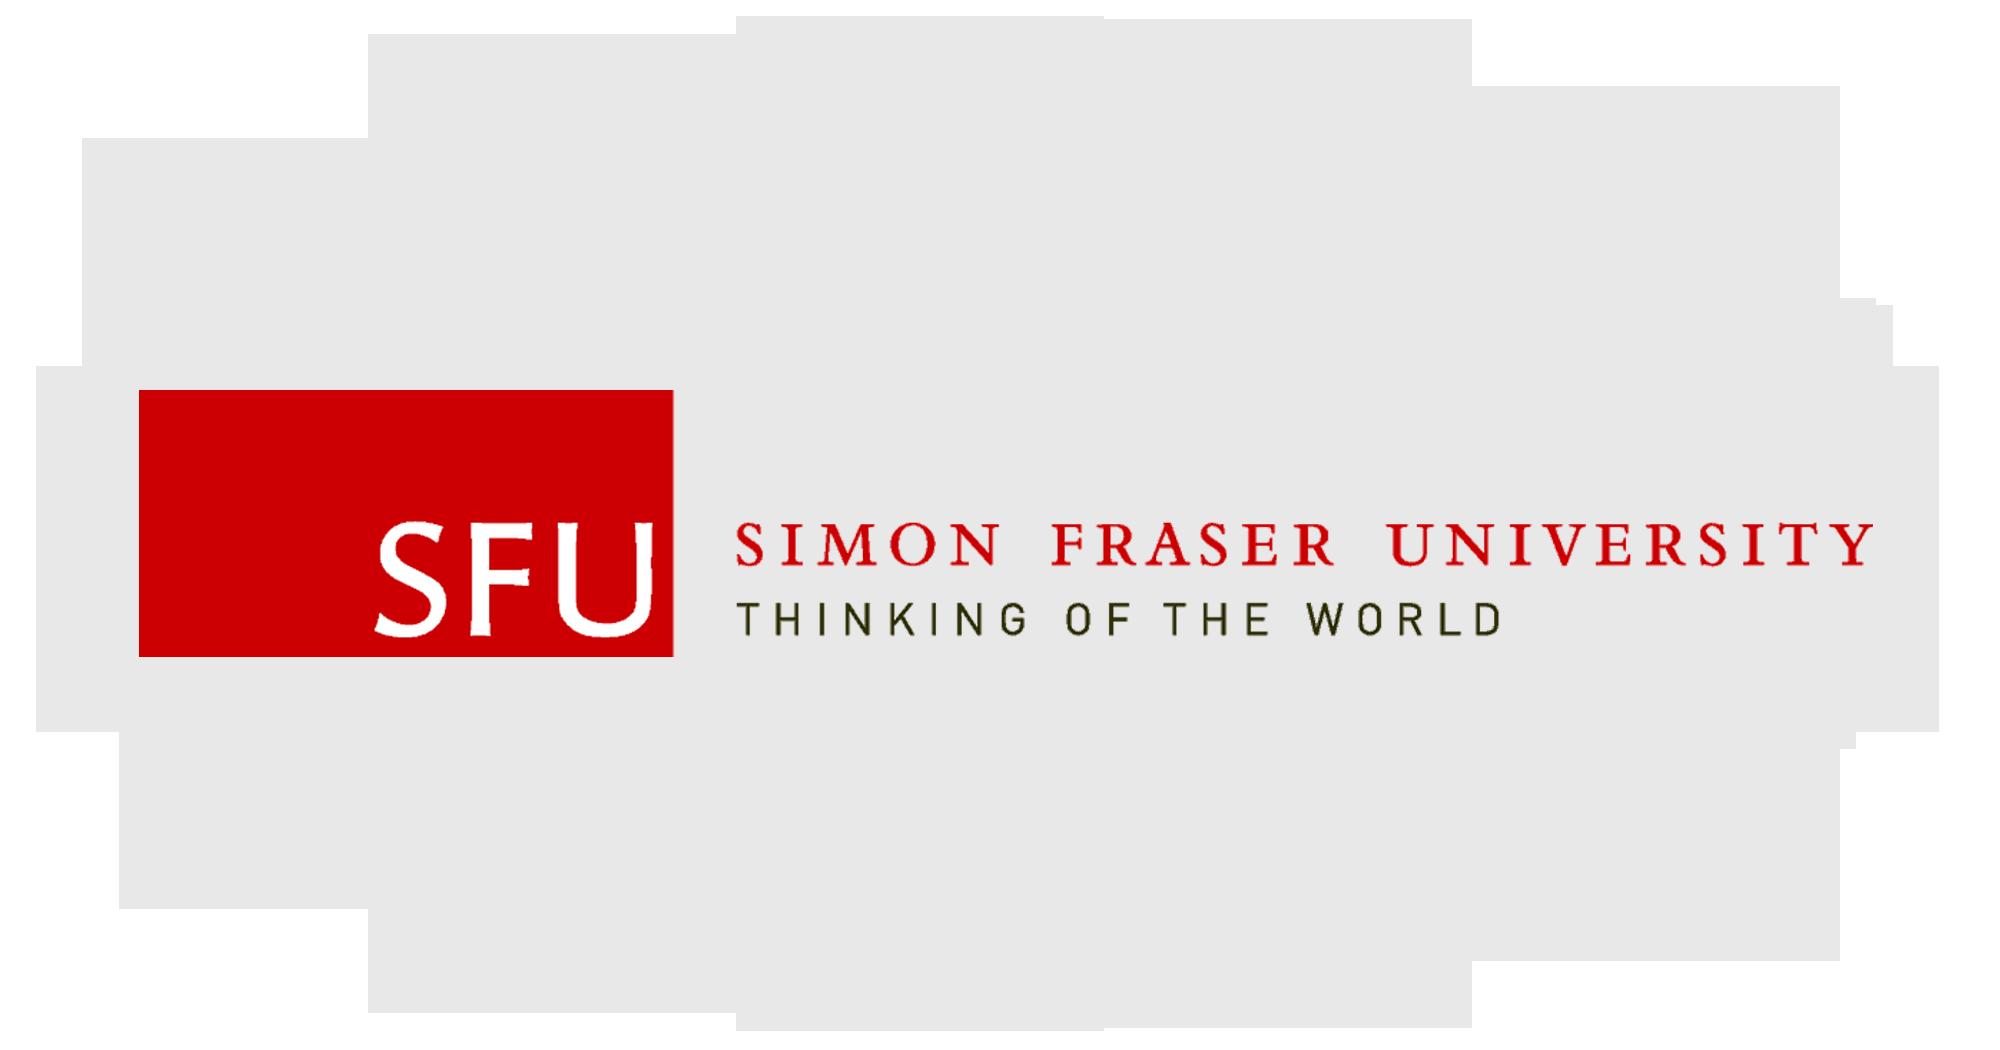 SFU Simon Fraser University